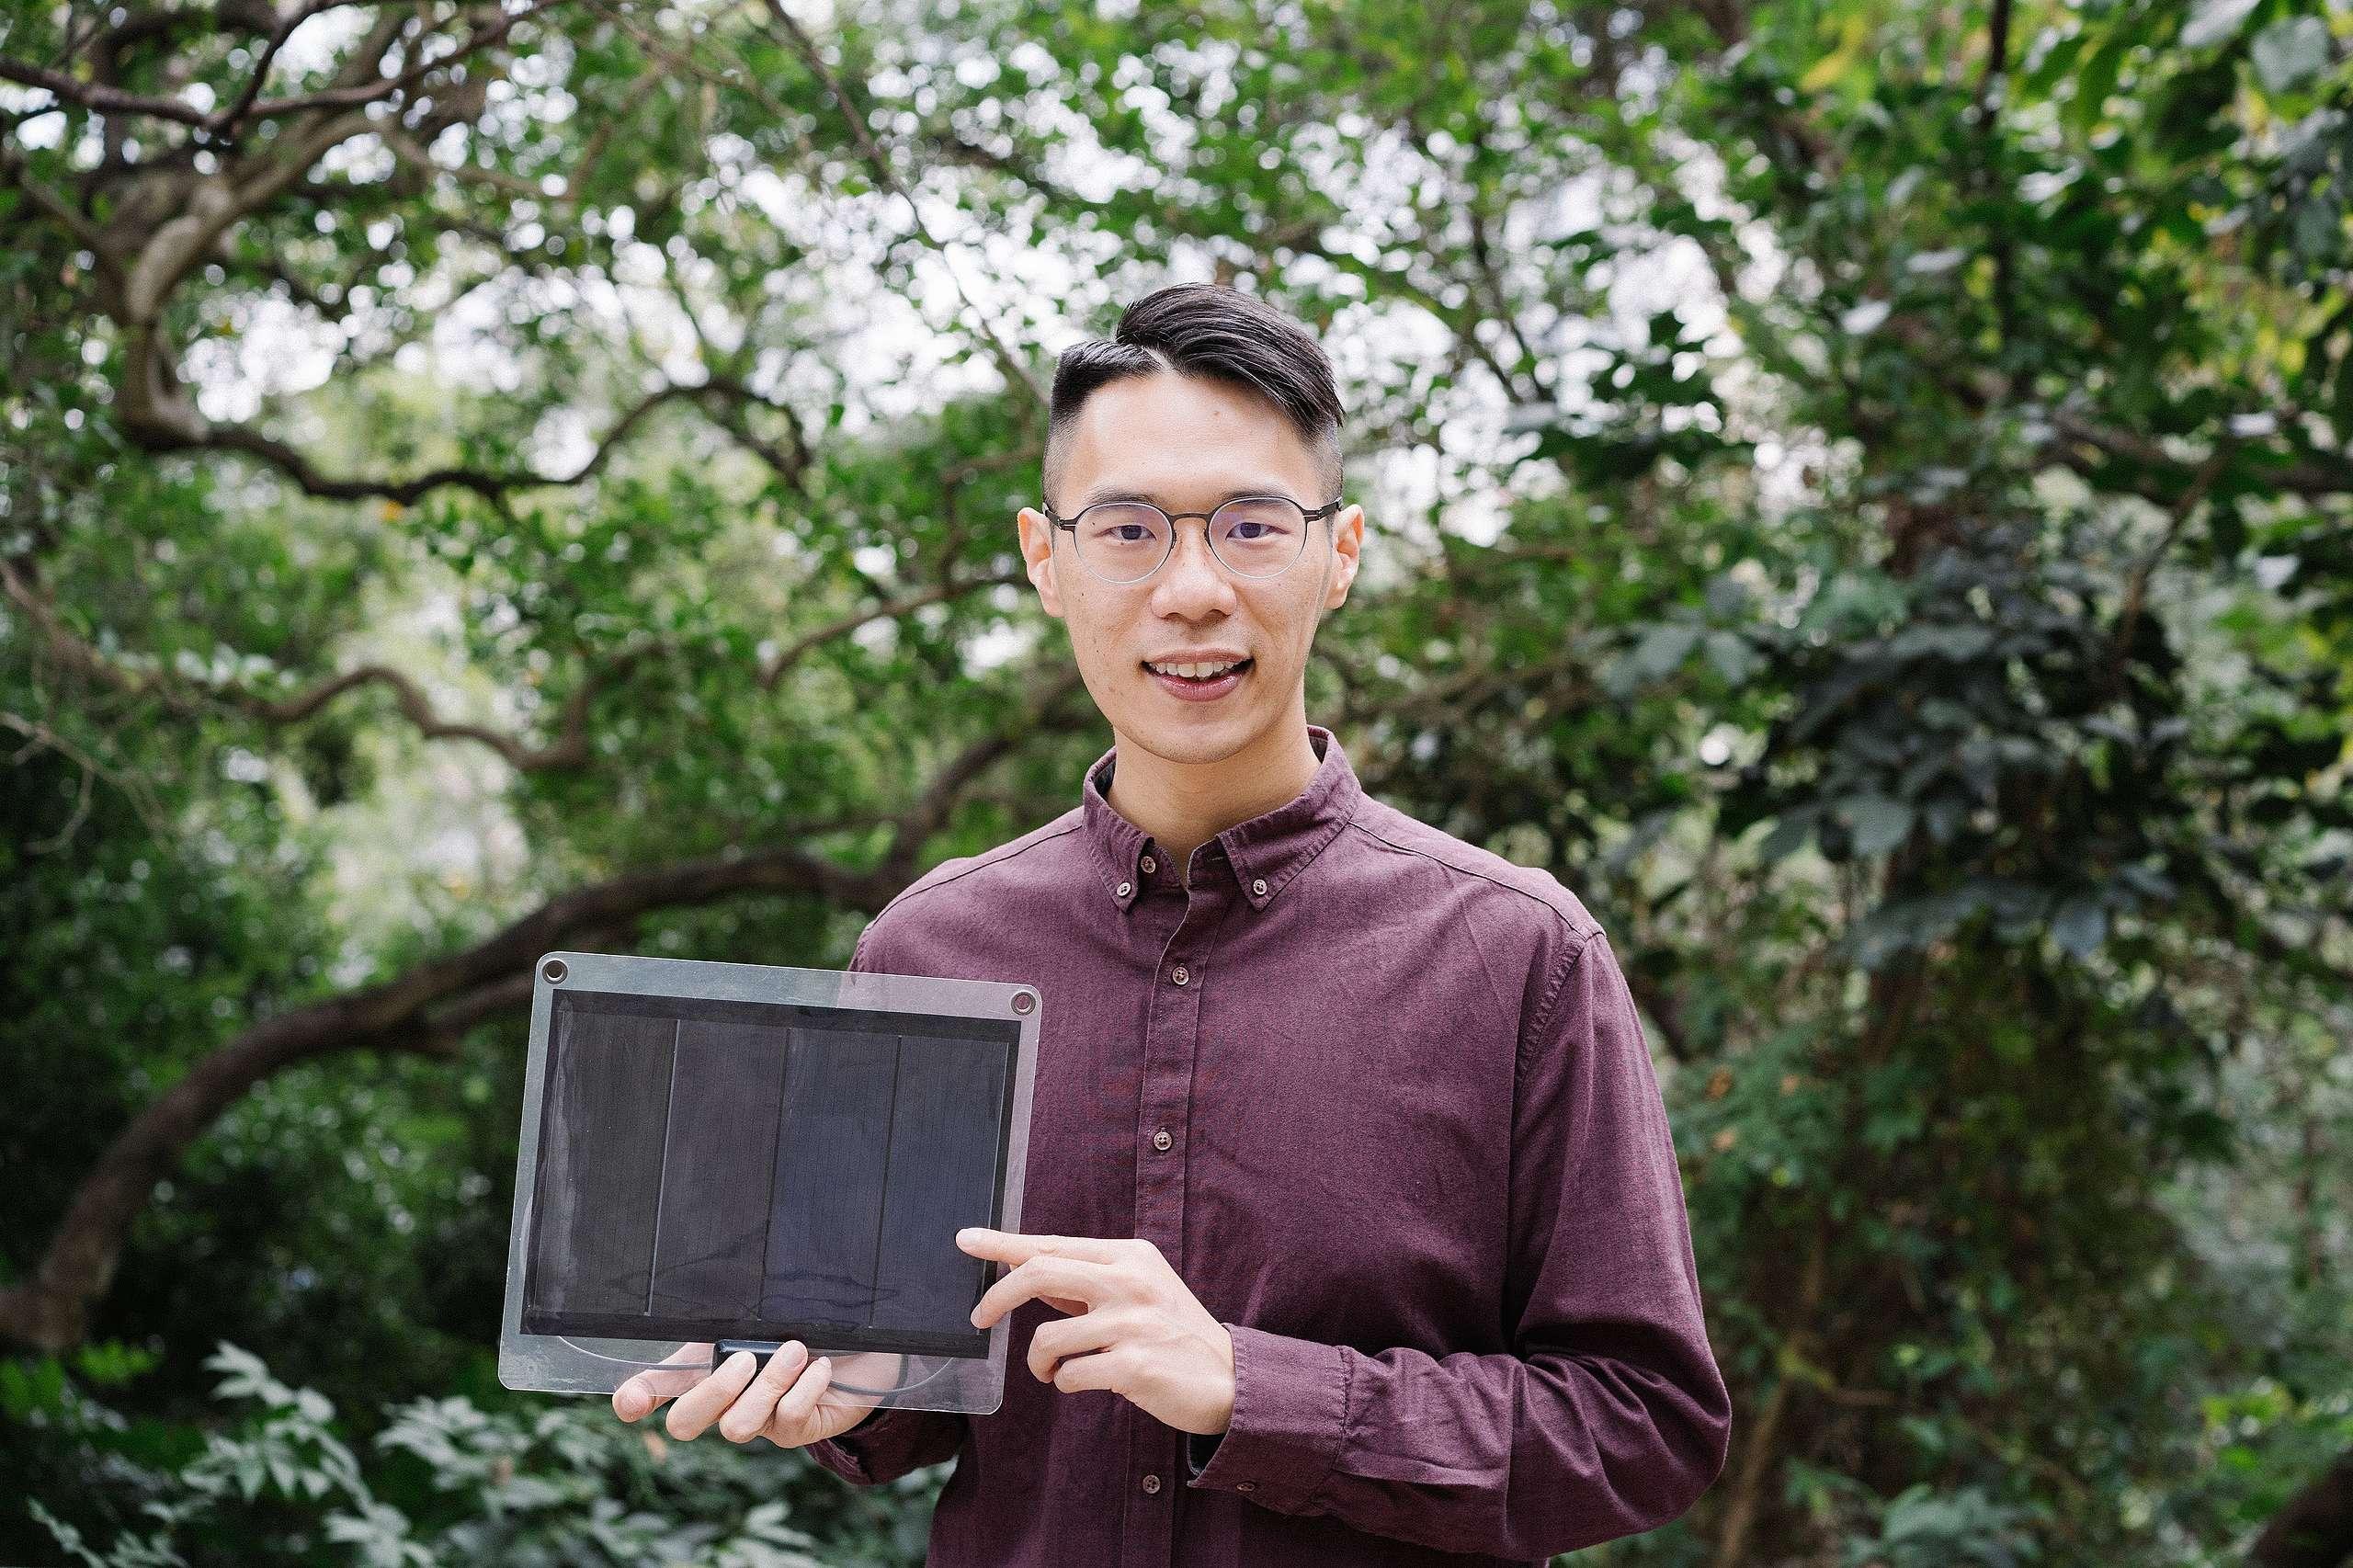 綠色和平香港募款統籌主任Billy,為了環境而選擇成為蔬食者,並在吃素後感受到身心的改變。